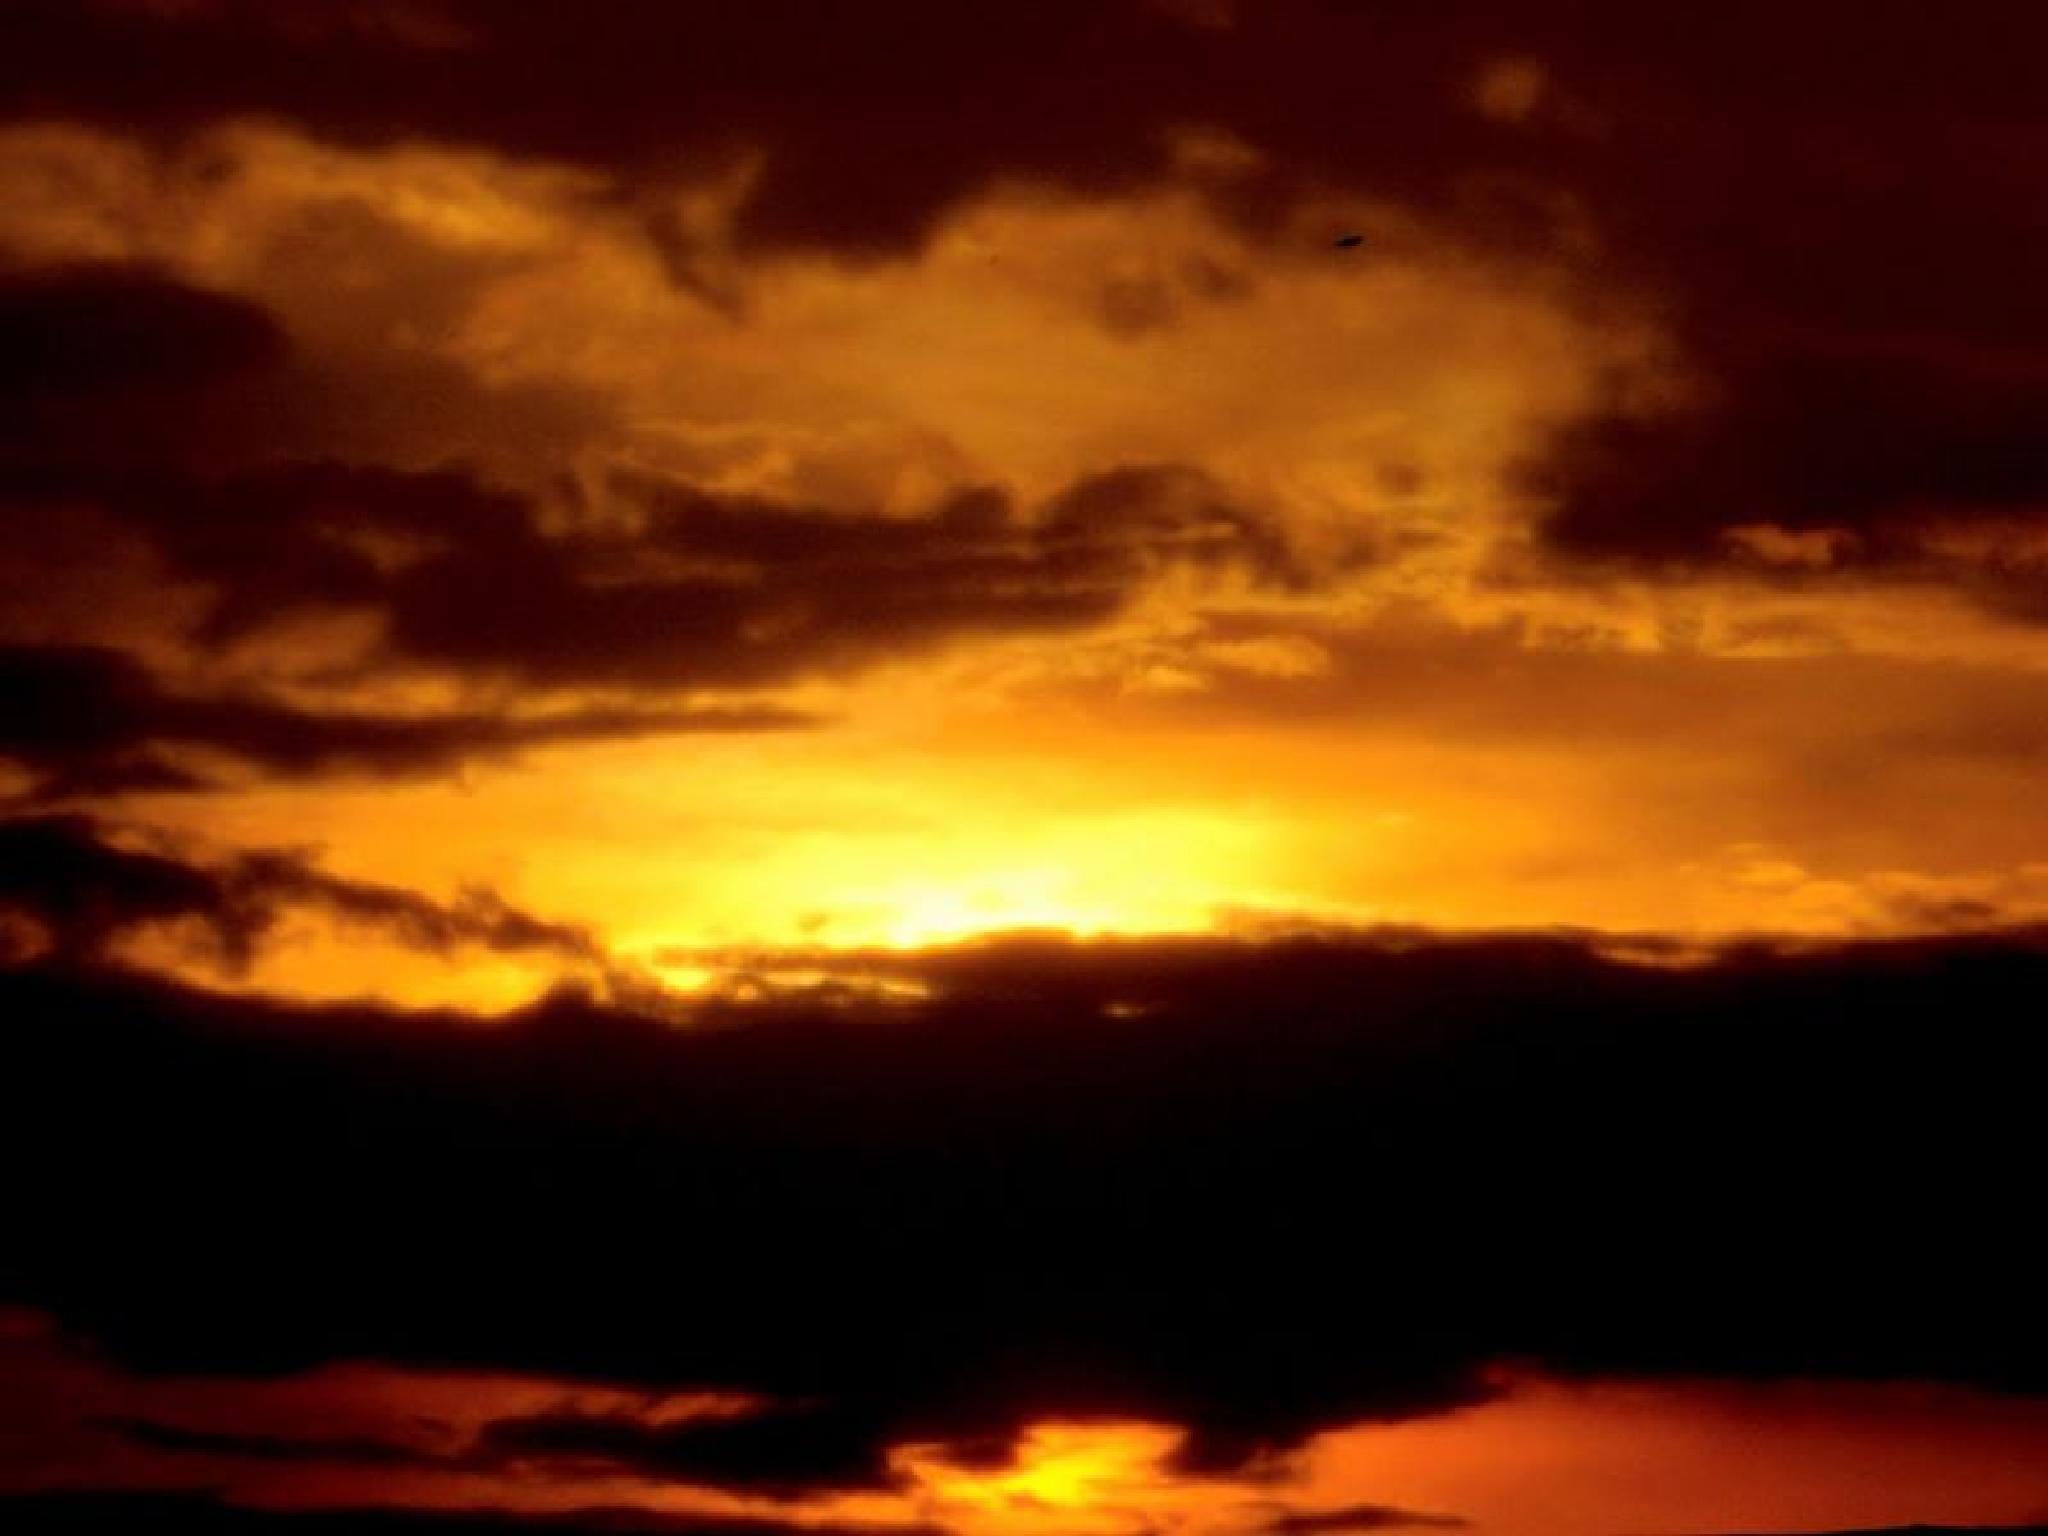 Sunset over Campbellsville, Kentucky by Quentin den Braber